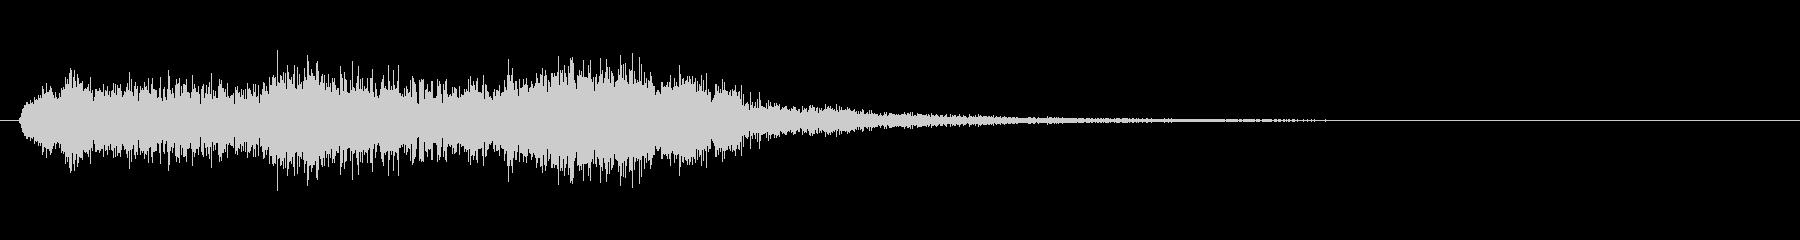 生演奏リコーダーでドレミの音魔法で回復の未再生の波形